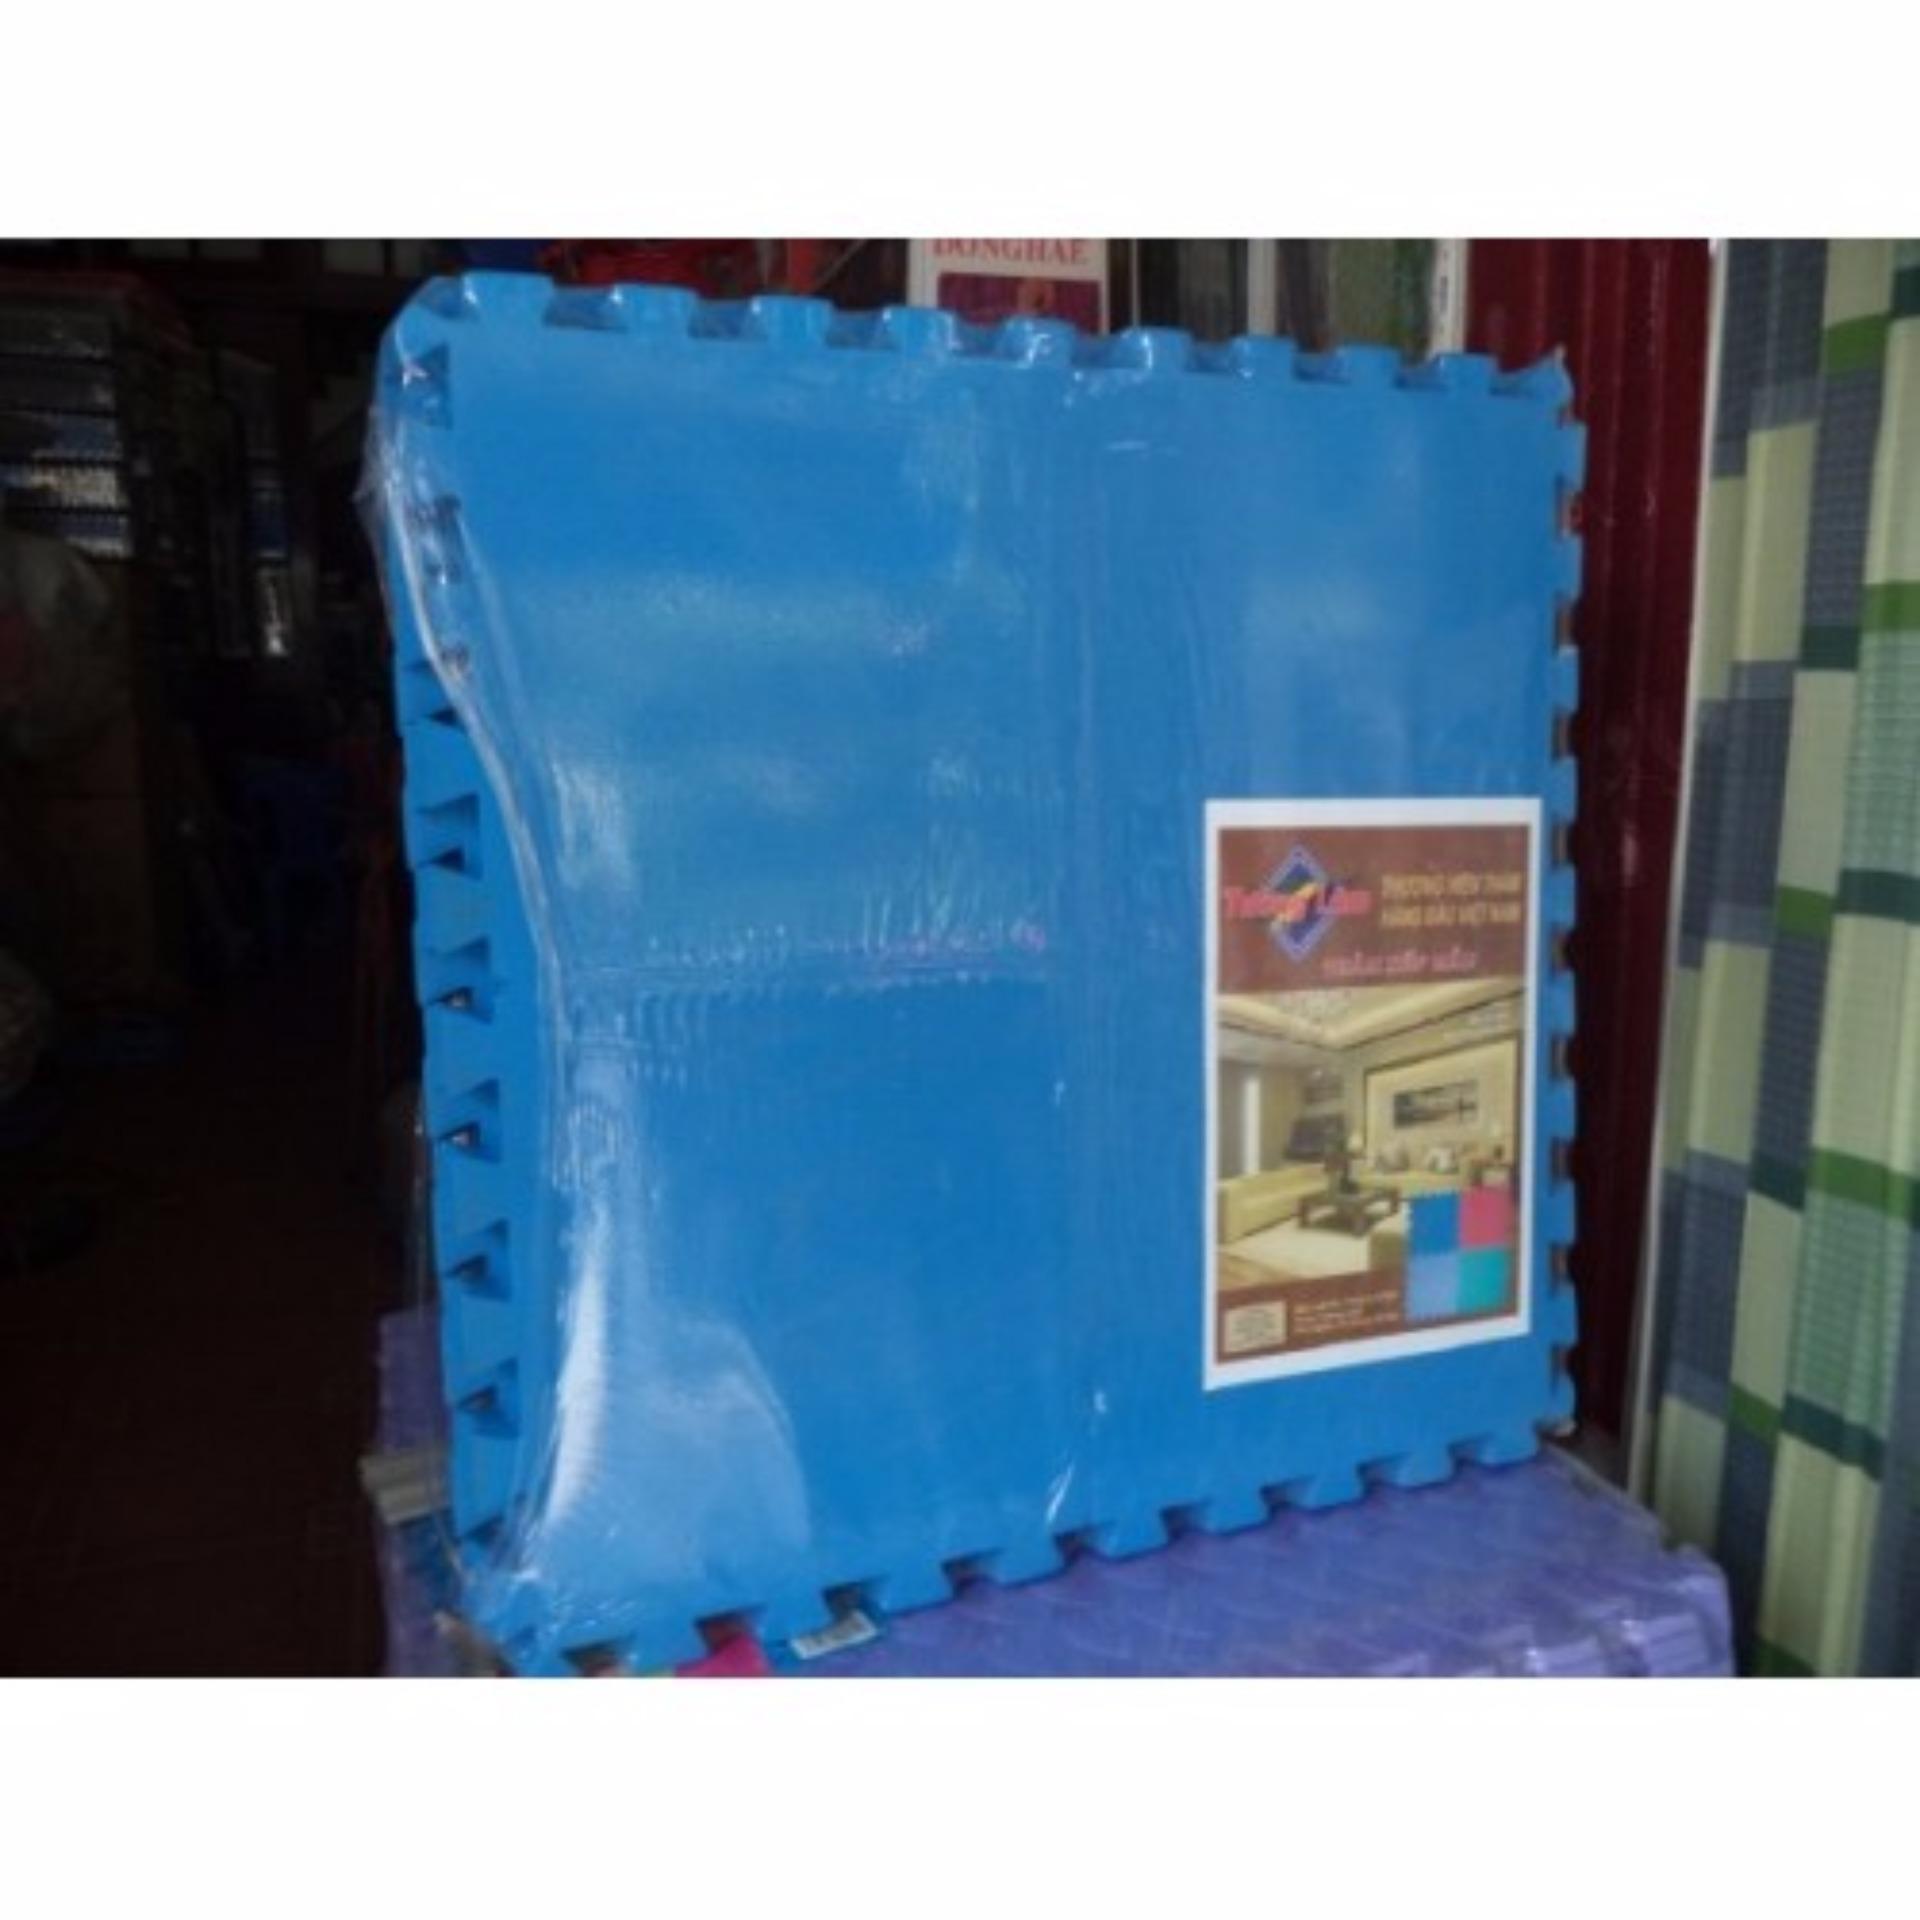 Thảm xốp ghép 1 màu ÂU LẠC cao cấp 4 miếng 60 x 60 cm( xanh)